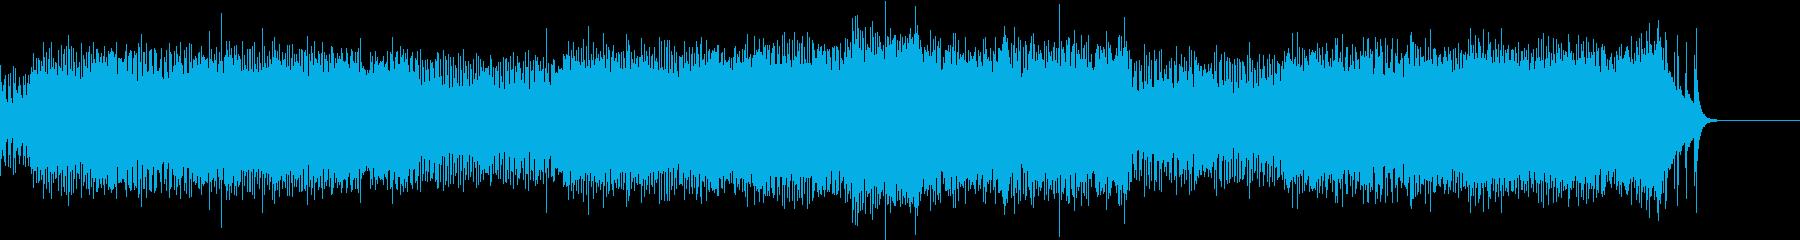 ウインターワンダーランド ロックギター!の再生済みの波形